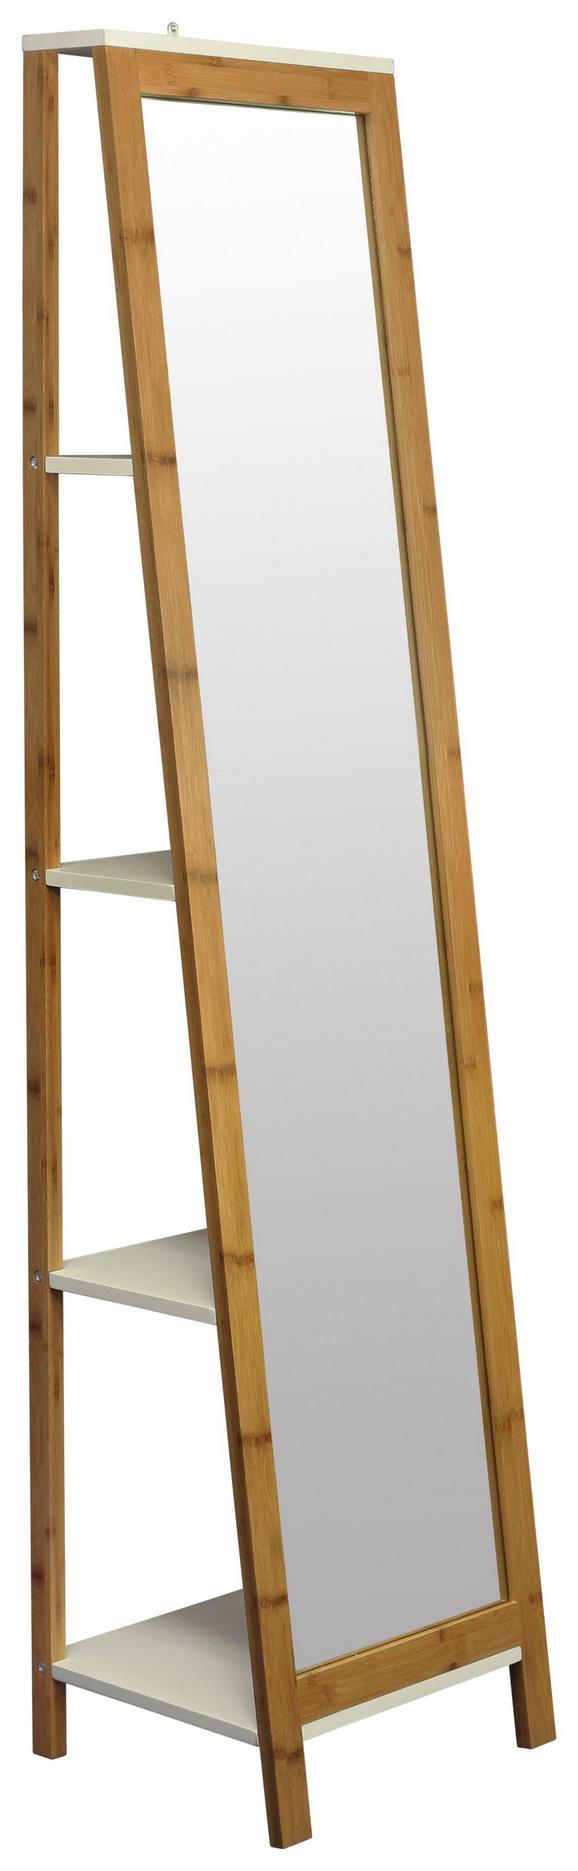 Standspiegel in Natur, ca. 40x170x35cm - Naturfarben/Weiß, MODERN, Glas/Holz (40/170/35cm) - Mömax modern living